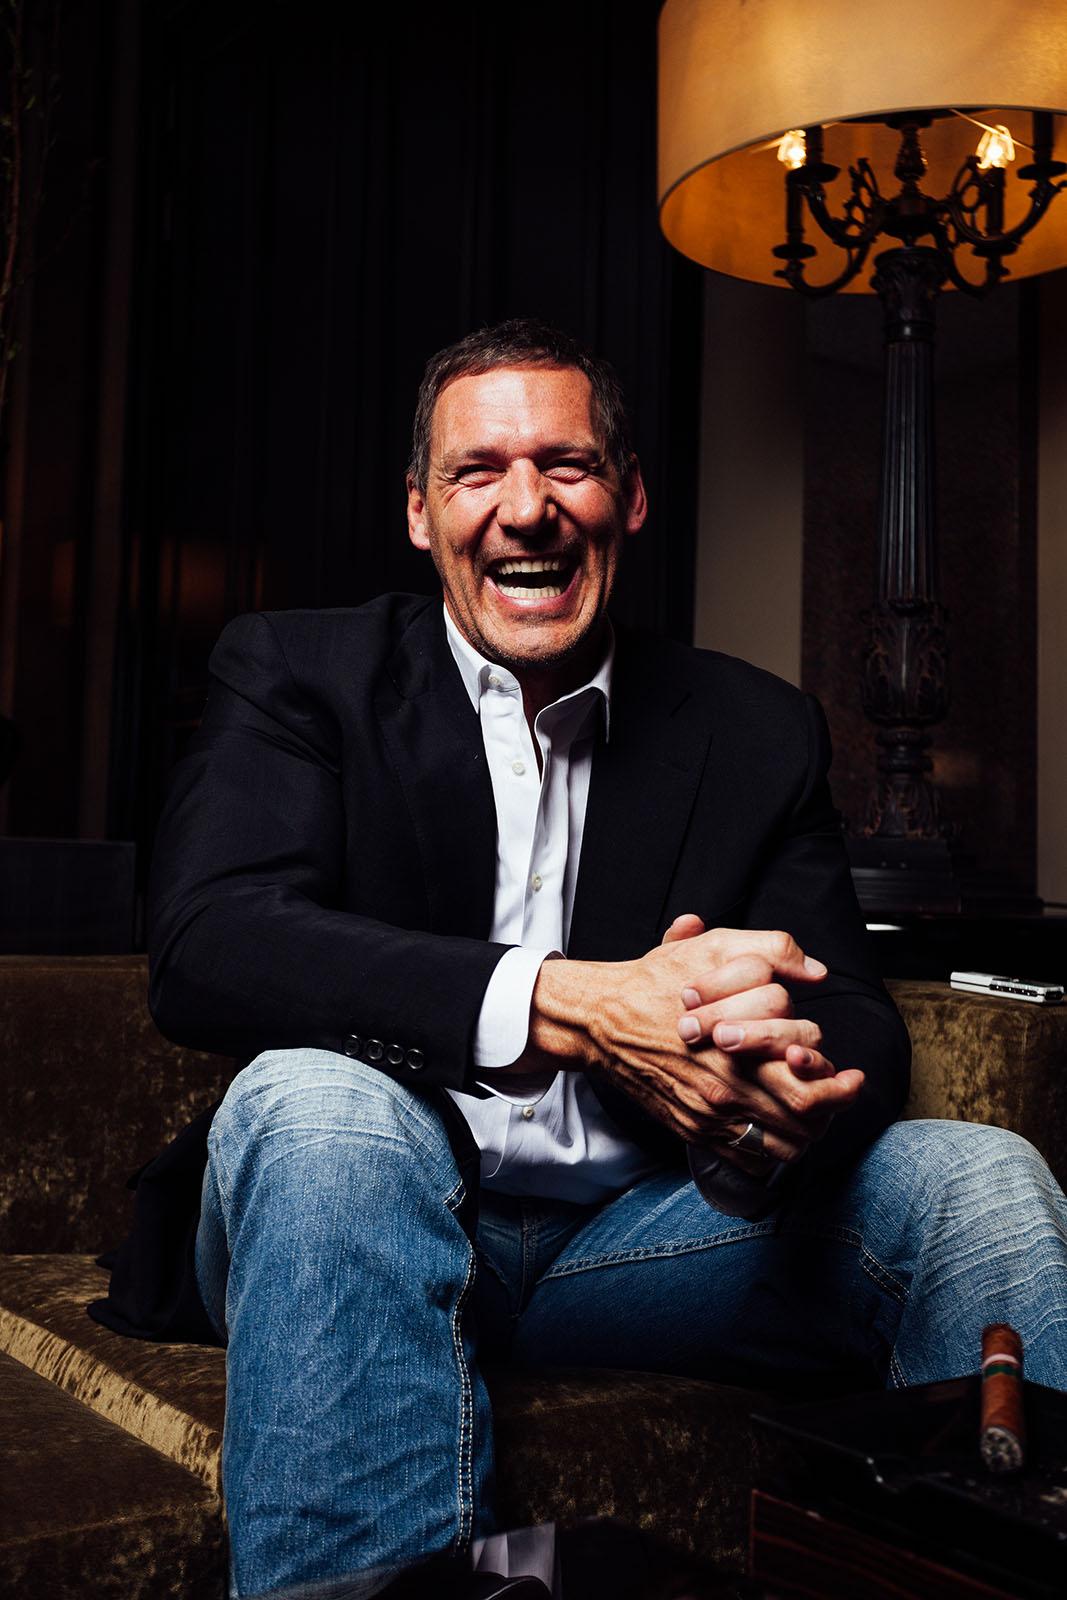 Portraits des Schauspielers Ralf Möller während eines Interviews im berliner Hotel de Rome.